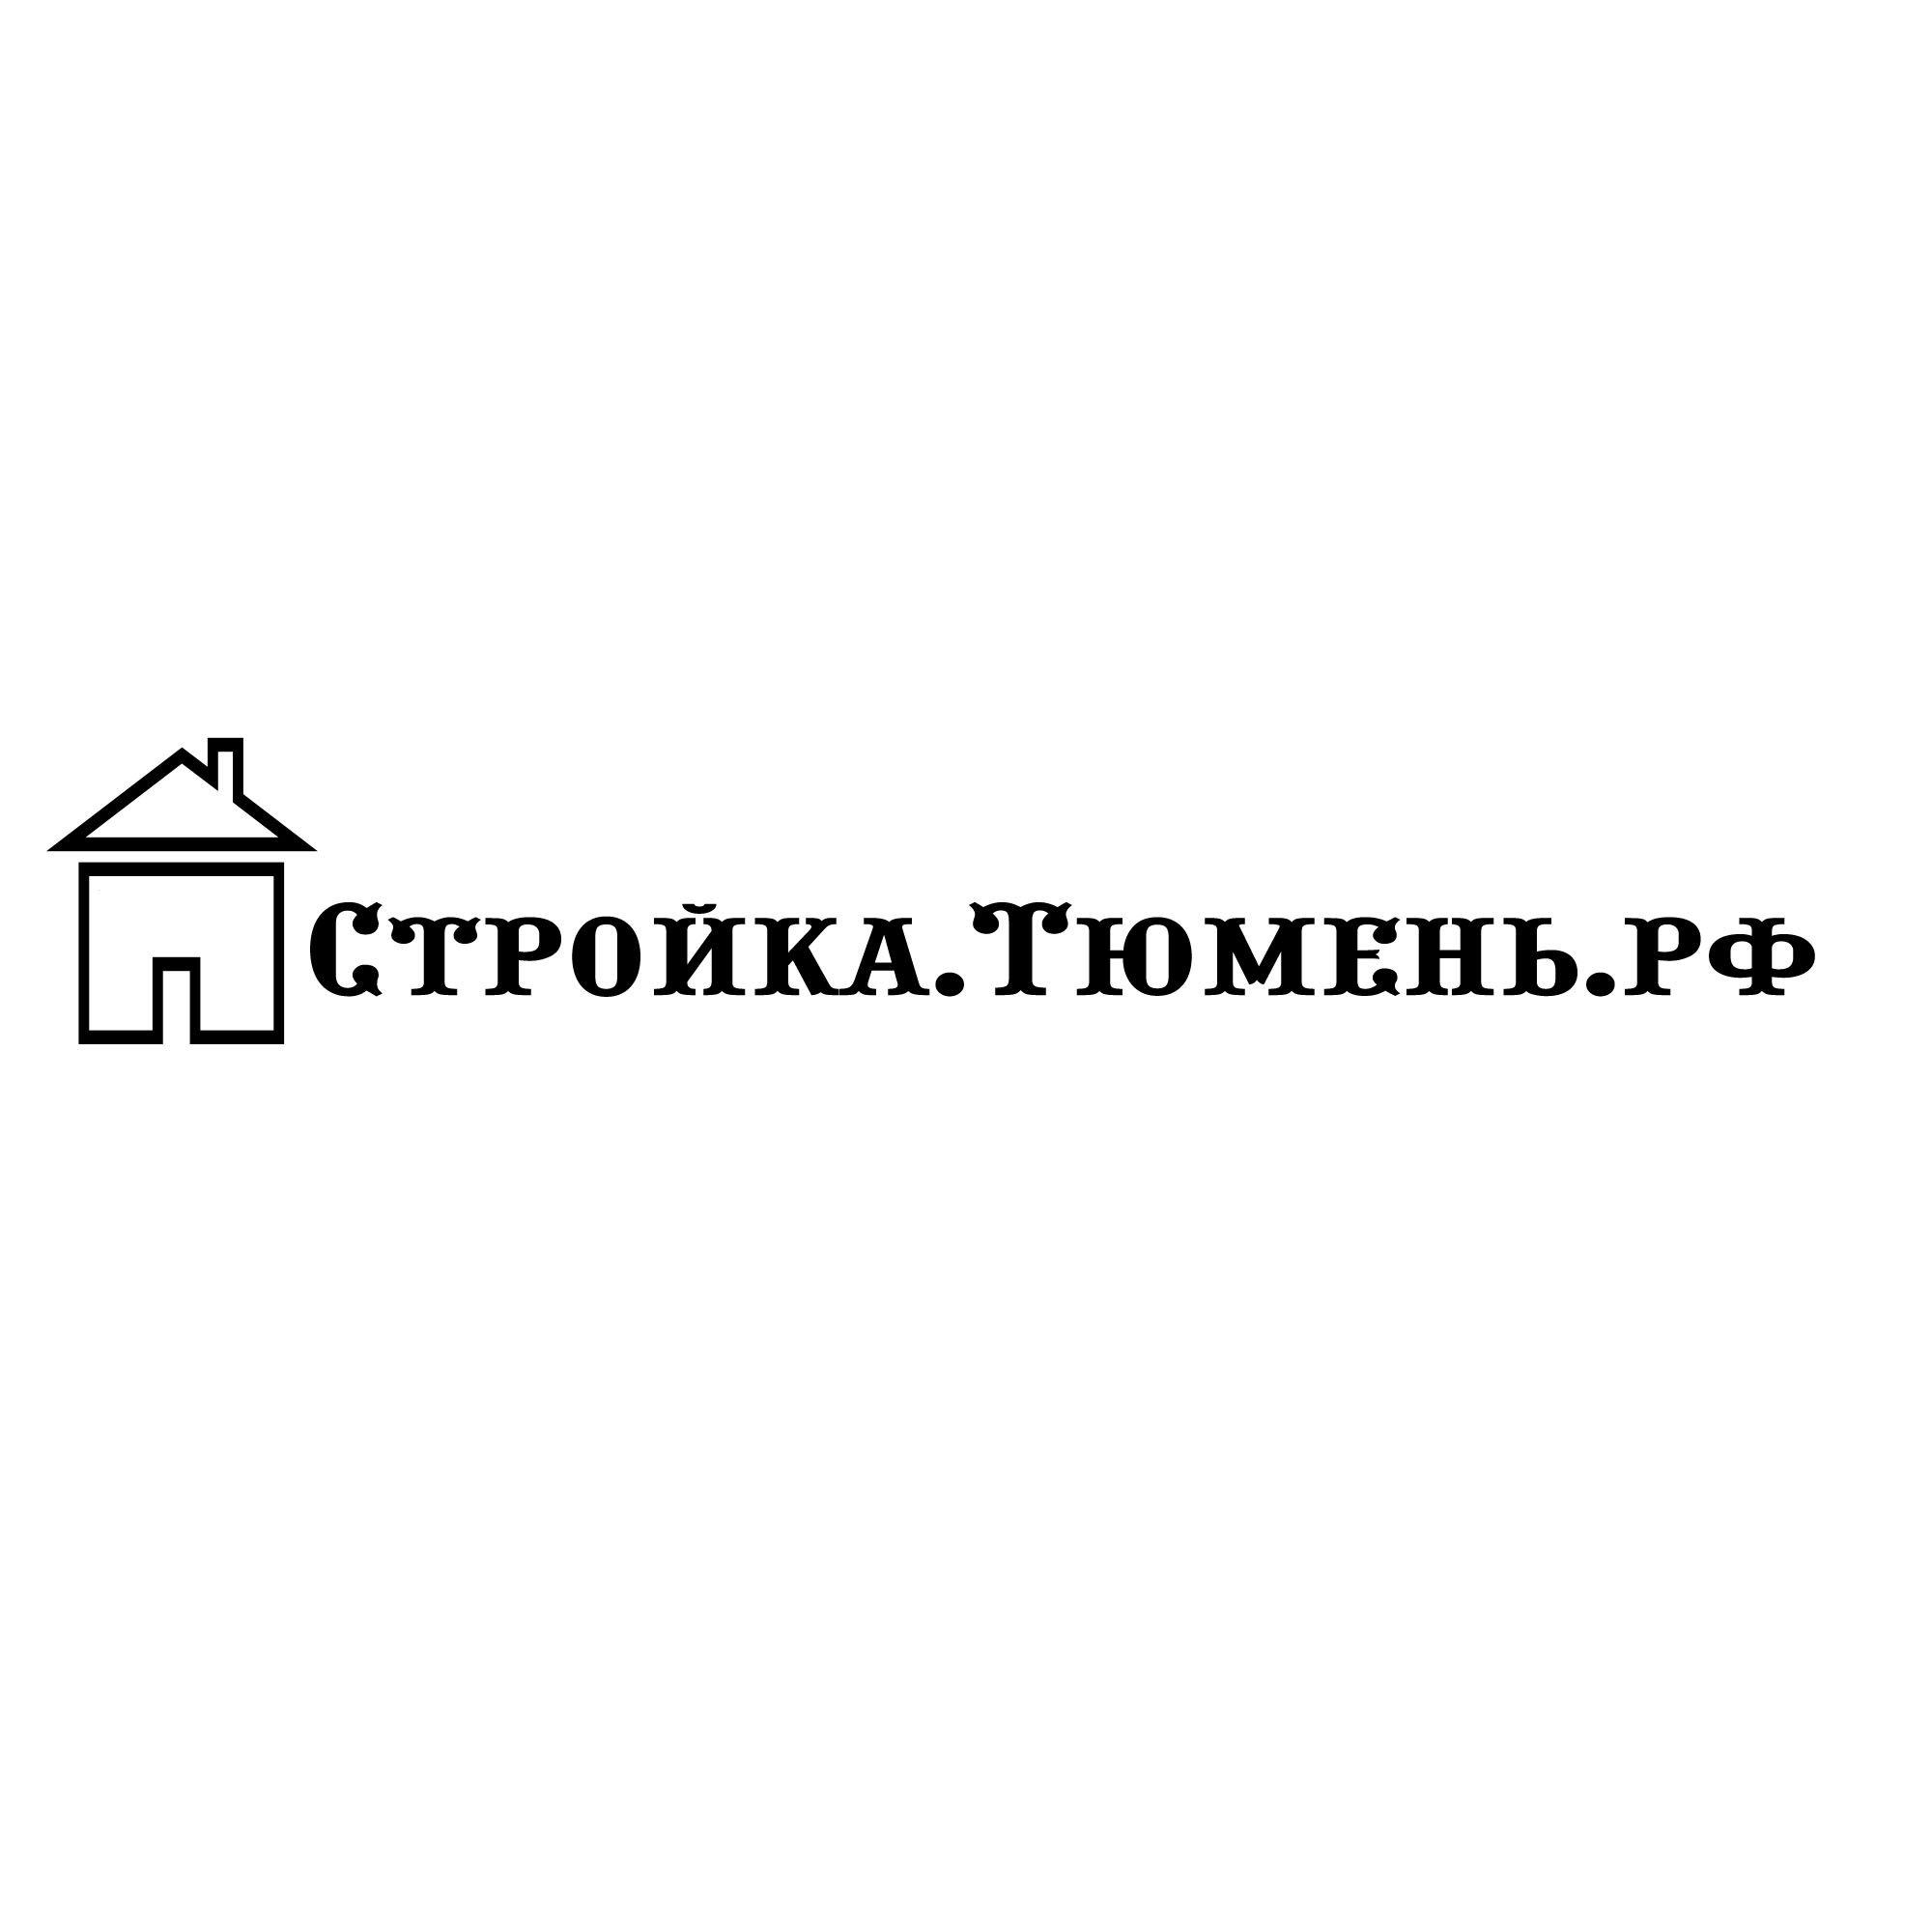 Логотип для строительного портала - дизайнер 140984VV